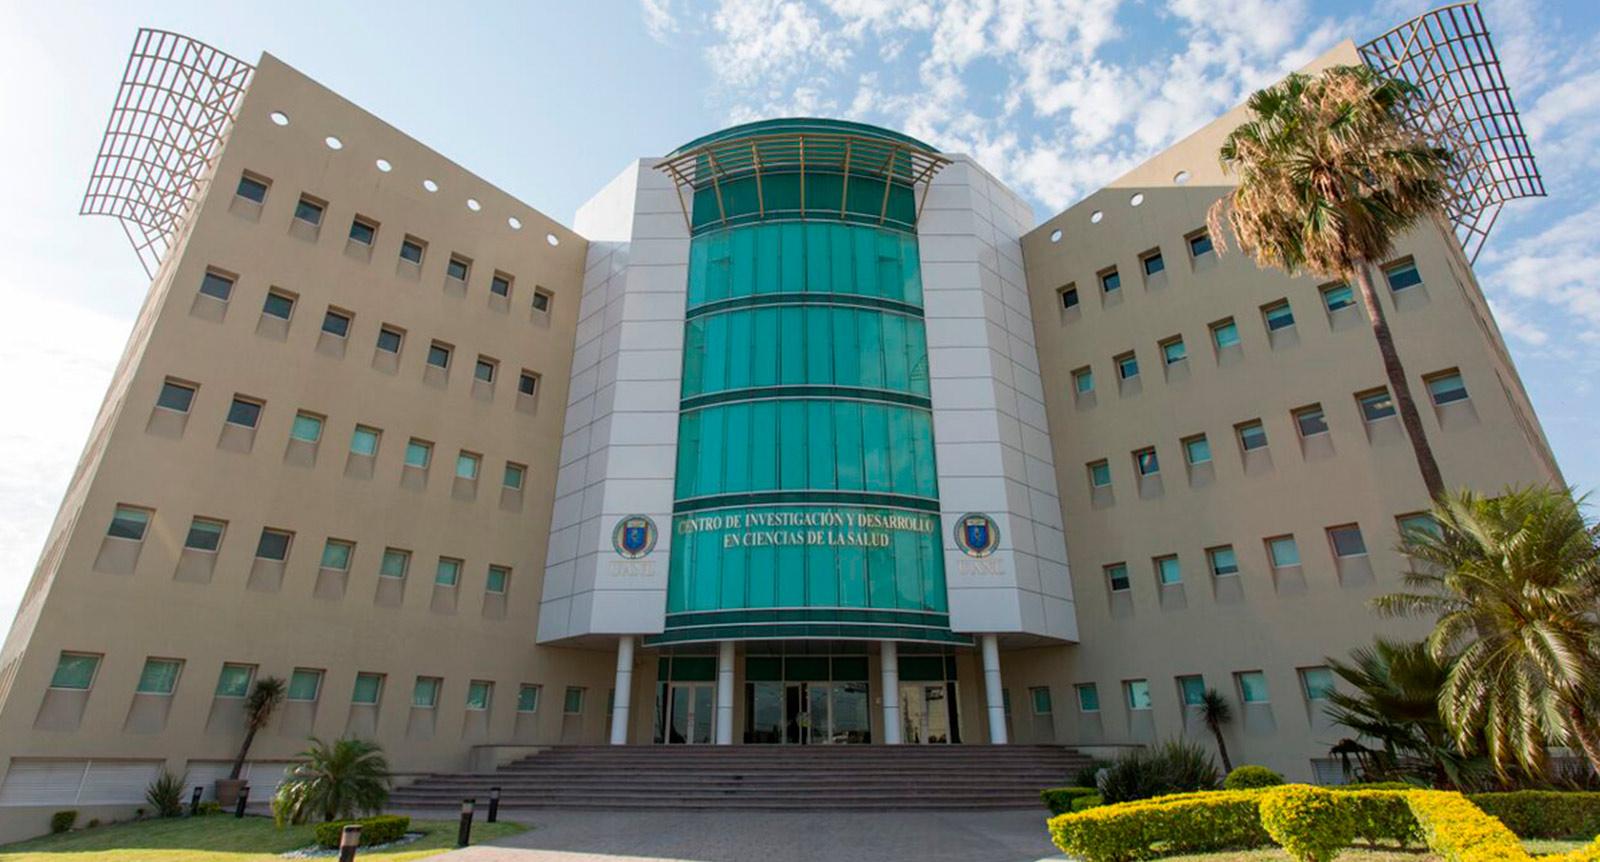 Centro de Investigación y Desarrollo en Ciencias de la Salud (CIDICS)